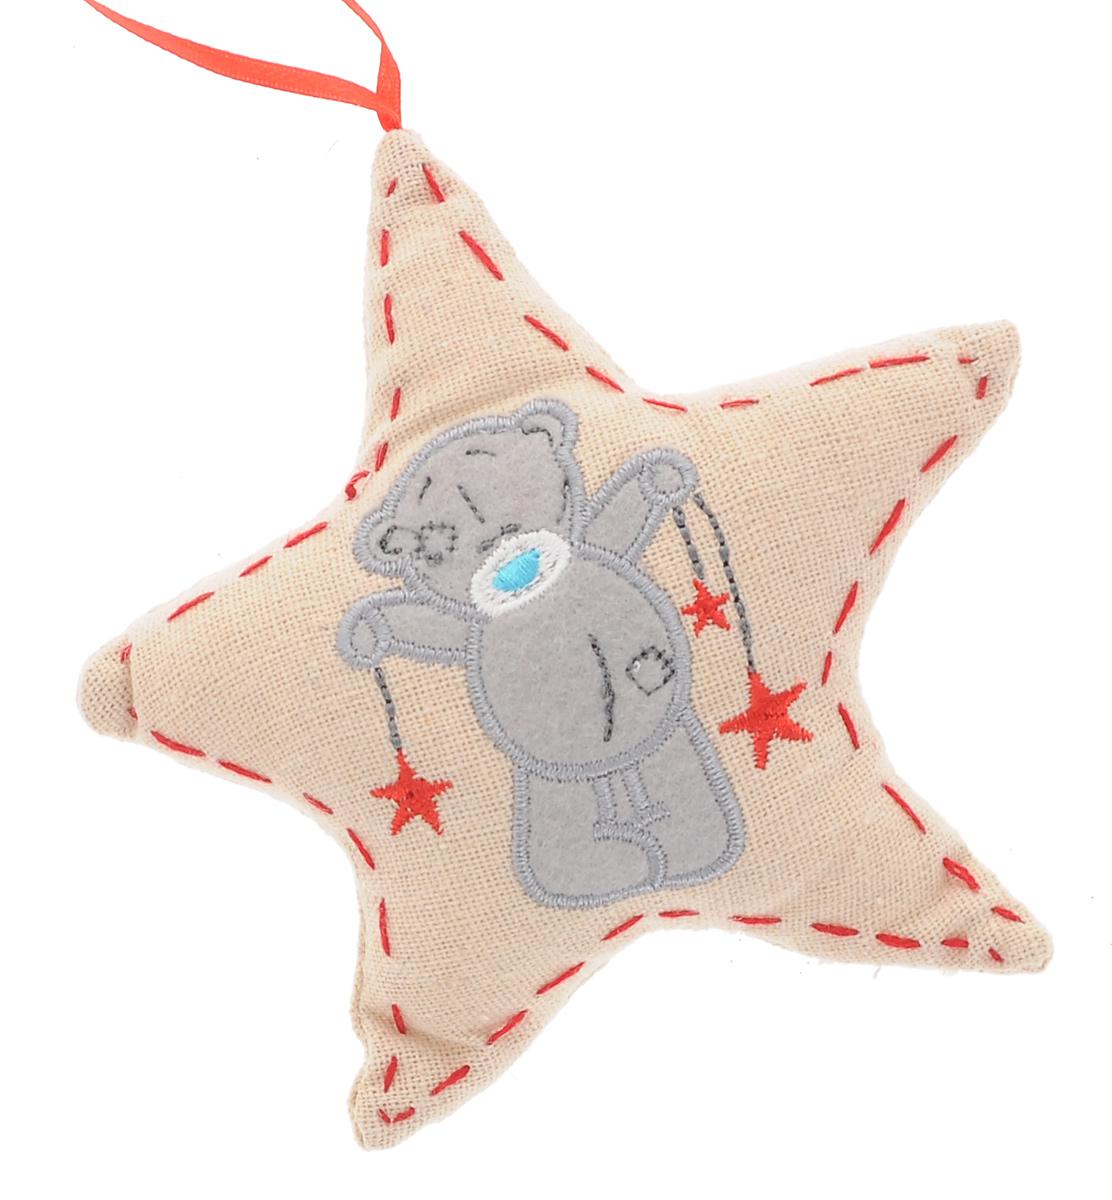 Новогоднее подвесное украшение Me to You ЗвездаMTY-N06011Подвесное украшение Me to You Звезда, выполненное из полиэстера, станет отличным новогодним украшением на елку. Изделие декорировано красной строчкой и вышивкой в виде мишки Me to You со звездочками. Подвешивается на елку с помощью текстильной петельки. Ваша зеленая красавица с таким украшением будет выглядеть оригинально и современно. Создайте в своем доме по-настоящему сказочную атмосферу. Кроме того, это украшение может стать не только деталью интерьера в квартире, но и актуальным подарком для ваших друзей и родных.